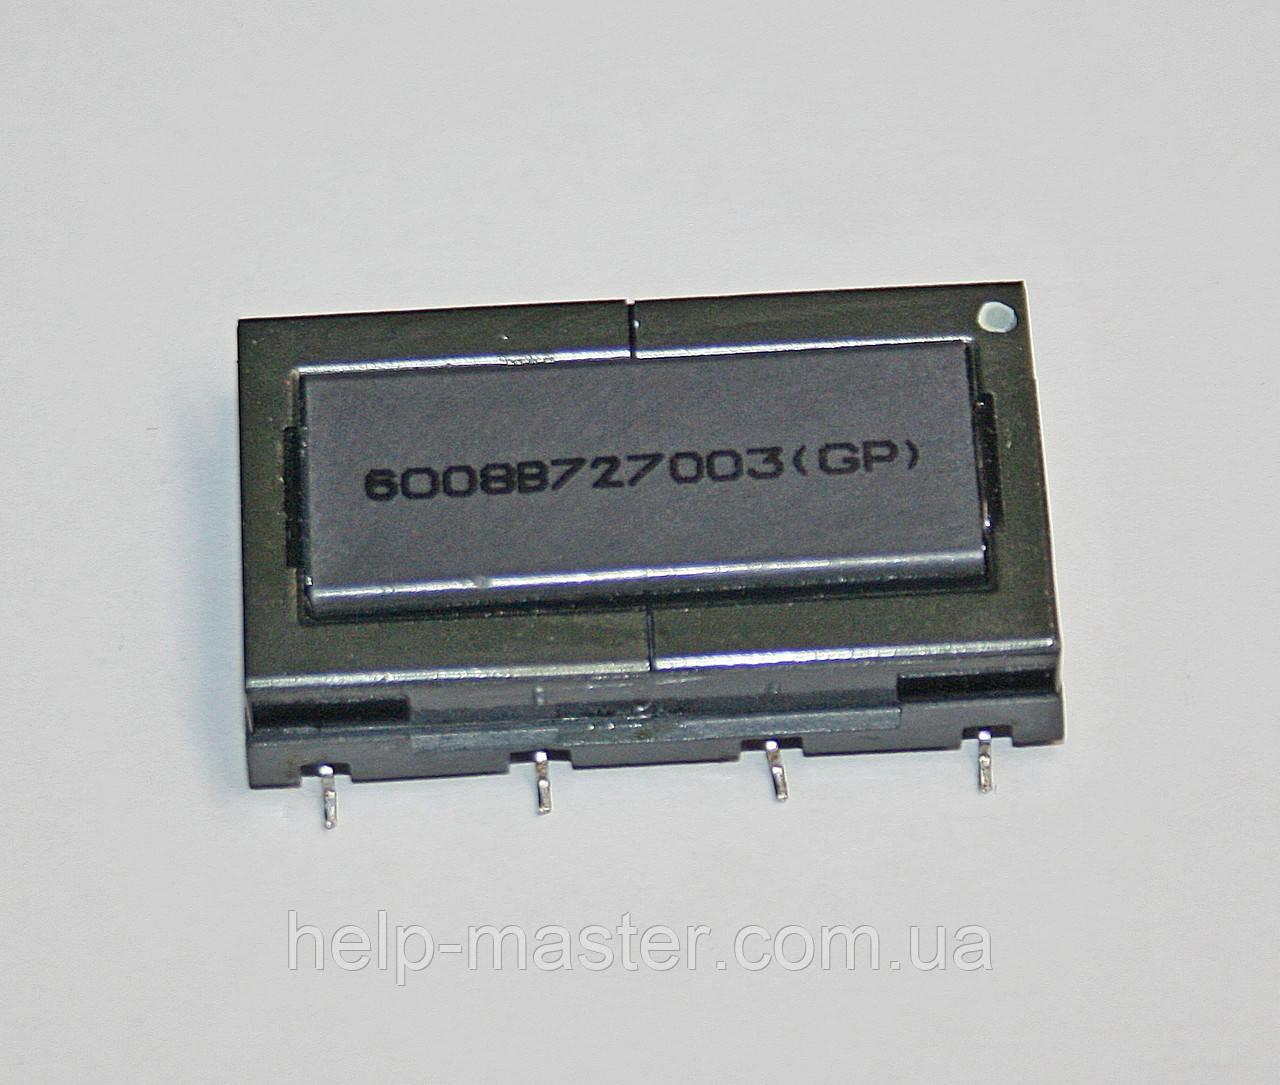 Трансформатор інвертора 6008B727003